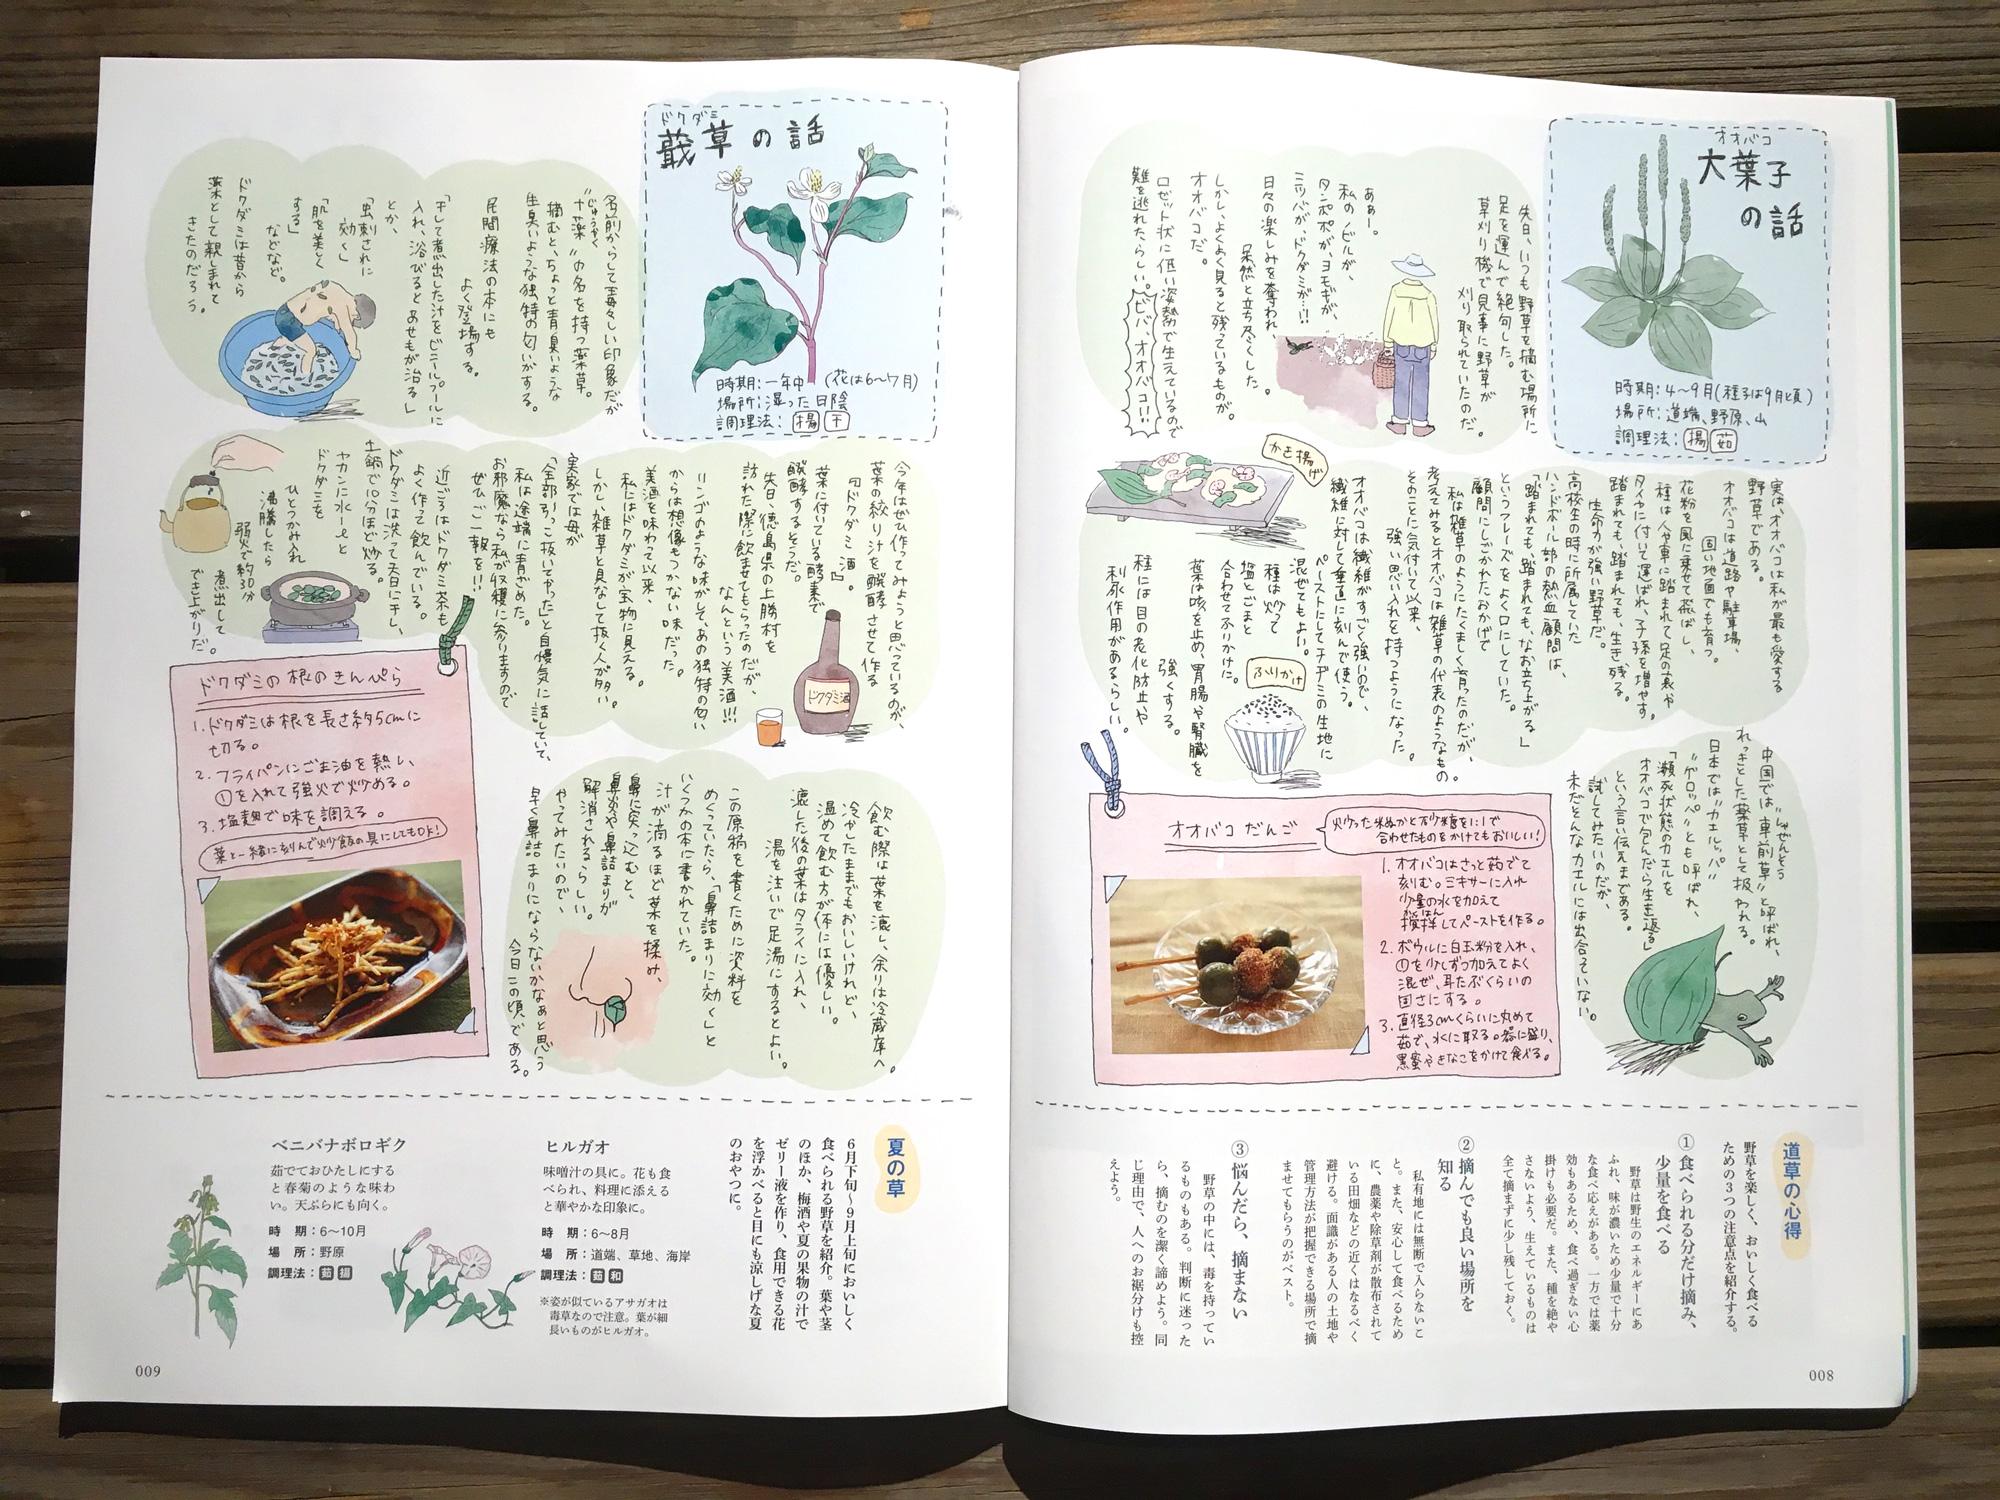 熊本が拠点の雑誌『九州の食卓』では、ページのデザインやイラストを手掛ける。